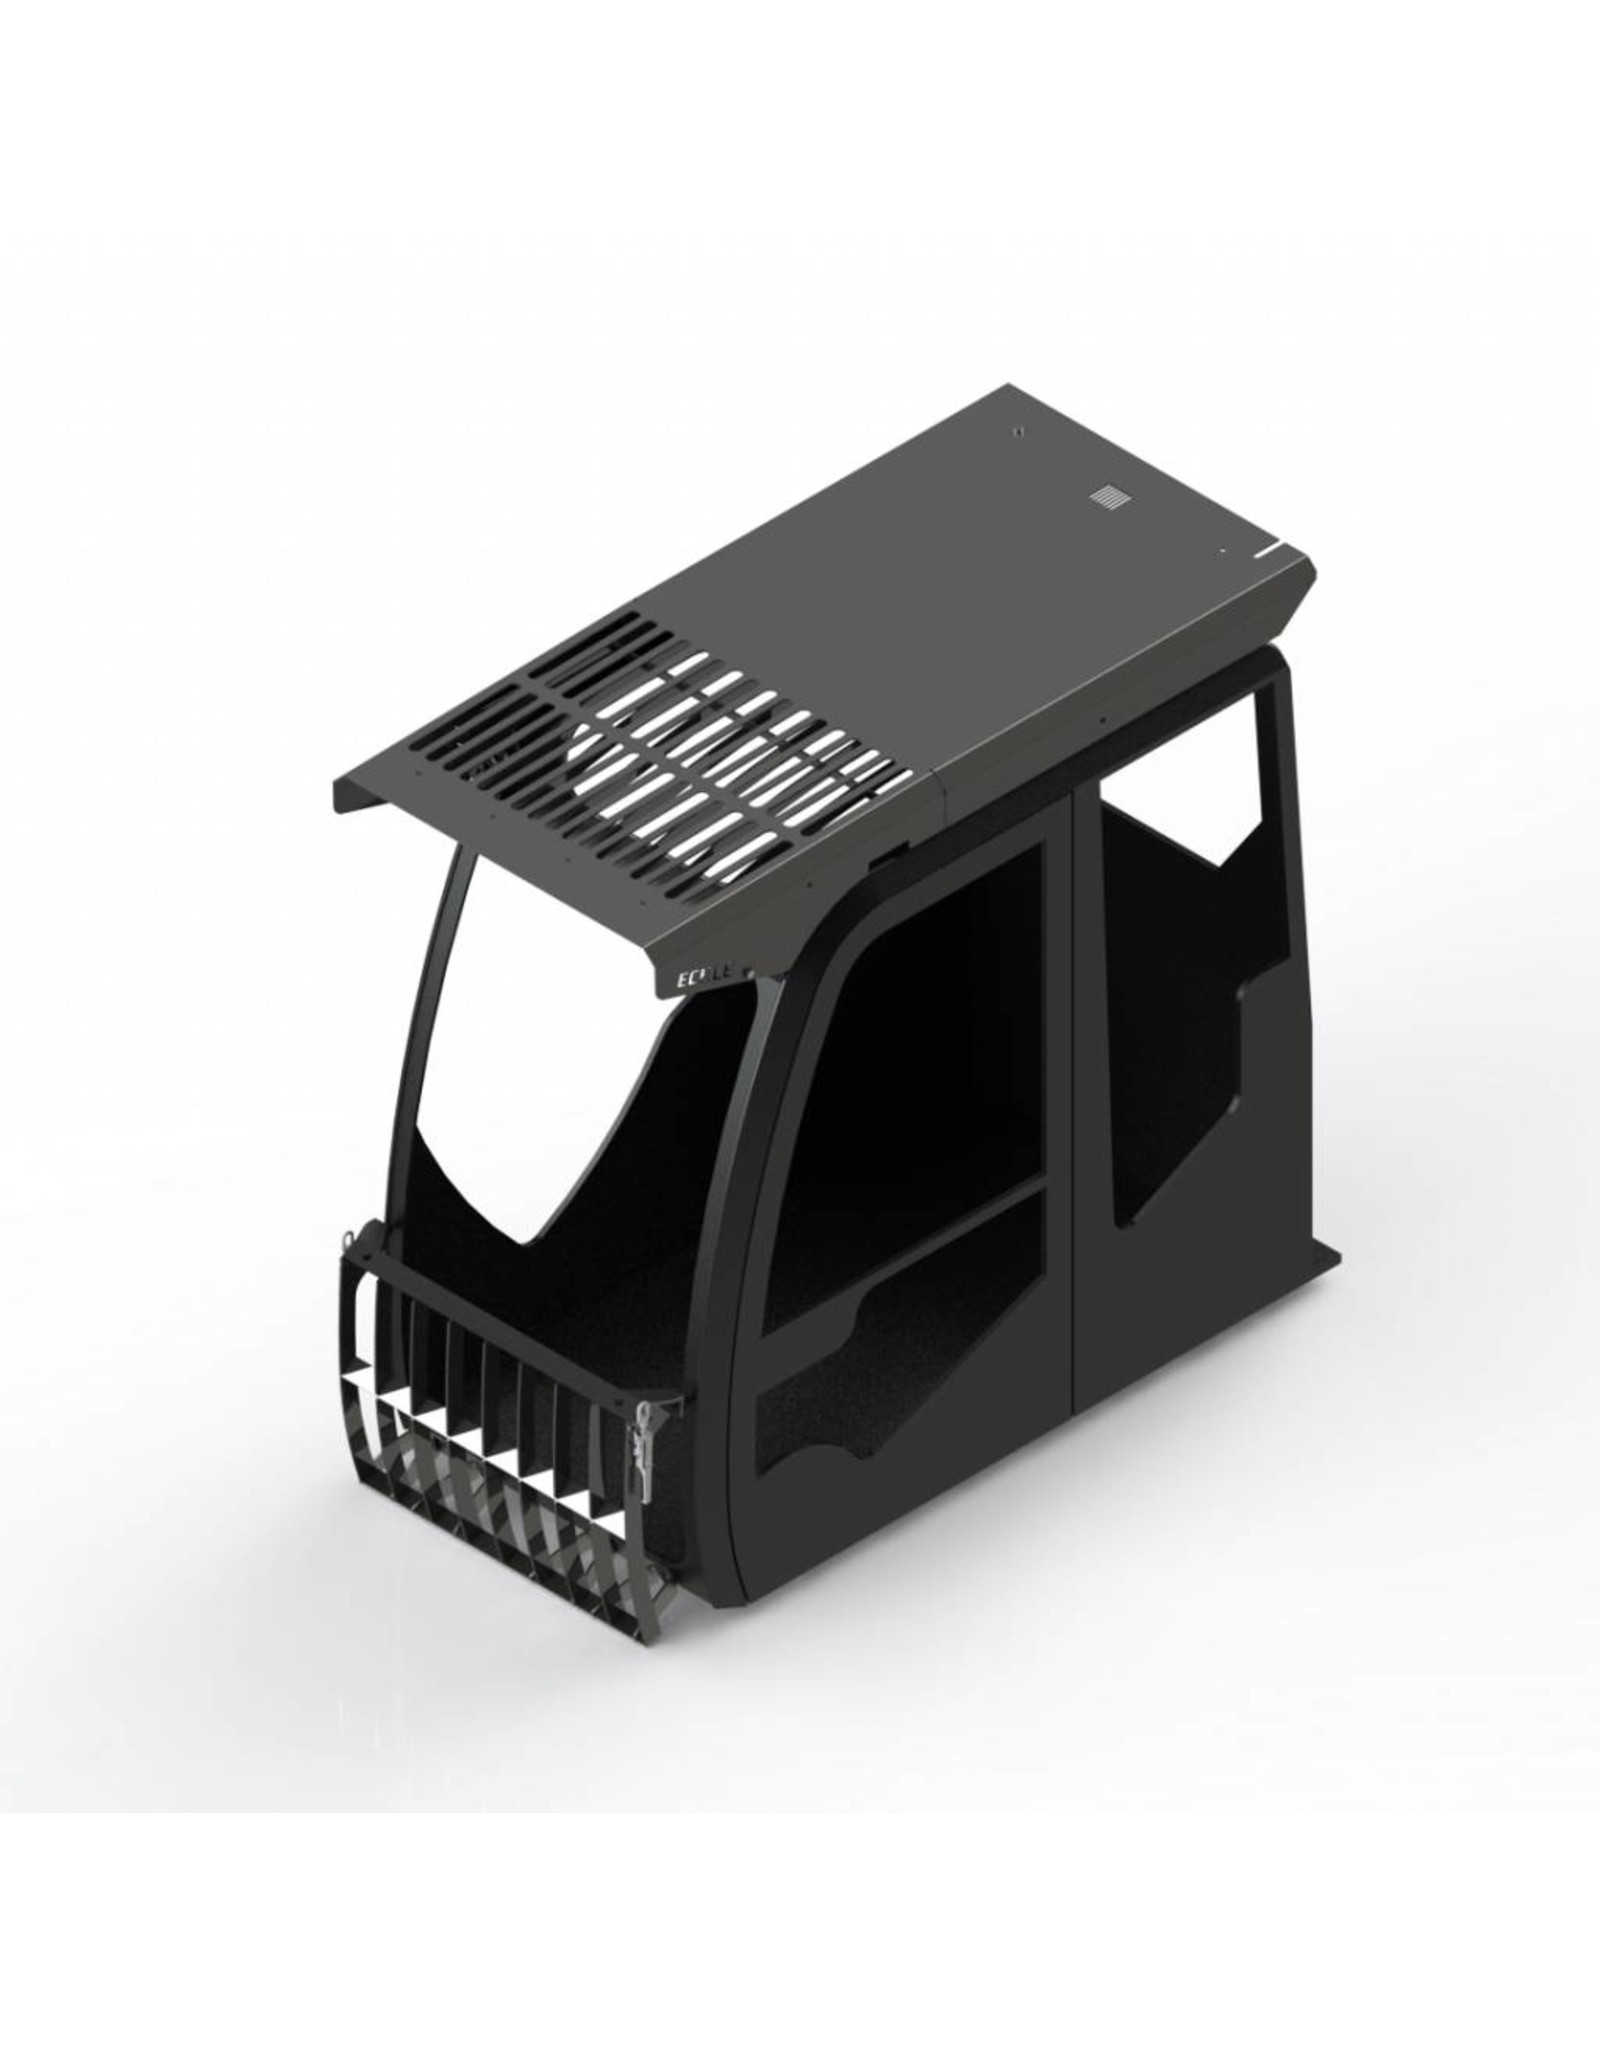 Echle Hartstahl GmbH FOPS for Doosan DX255LC-5